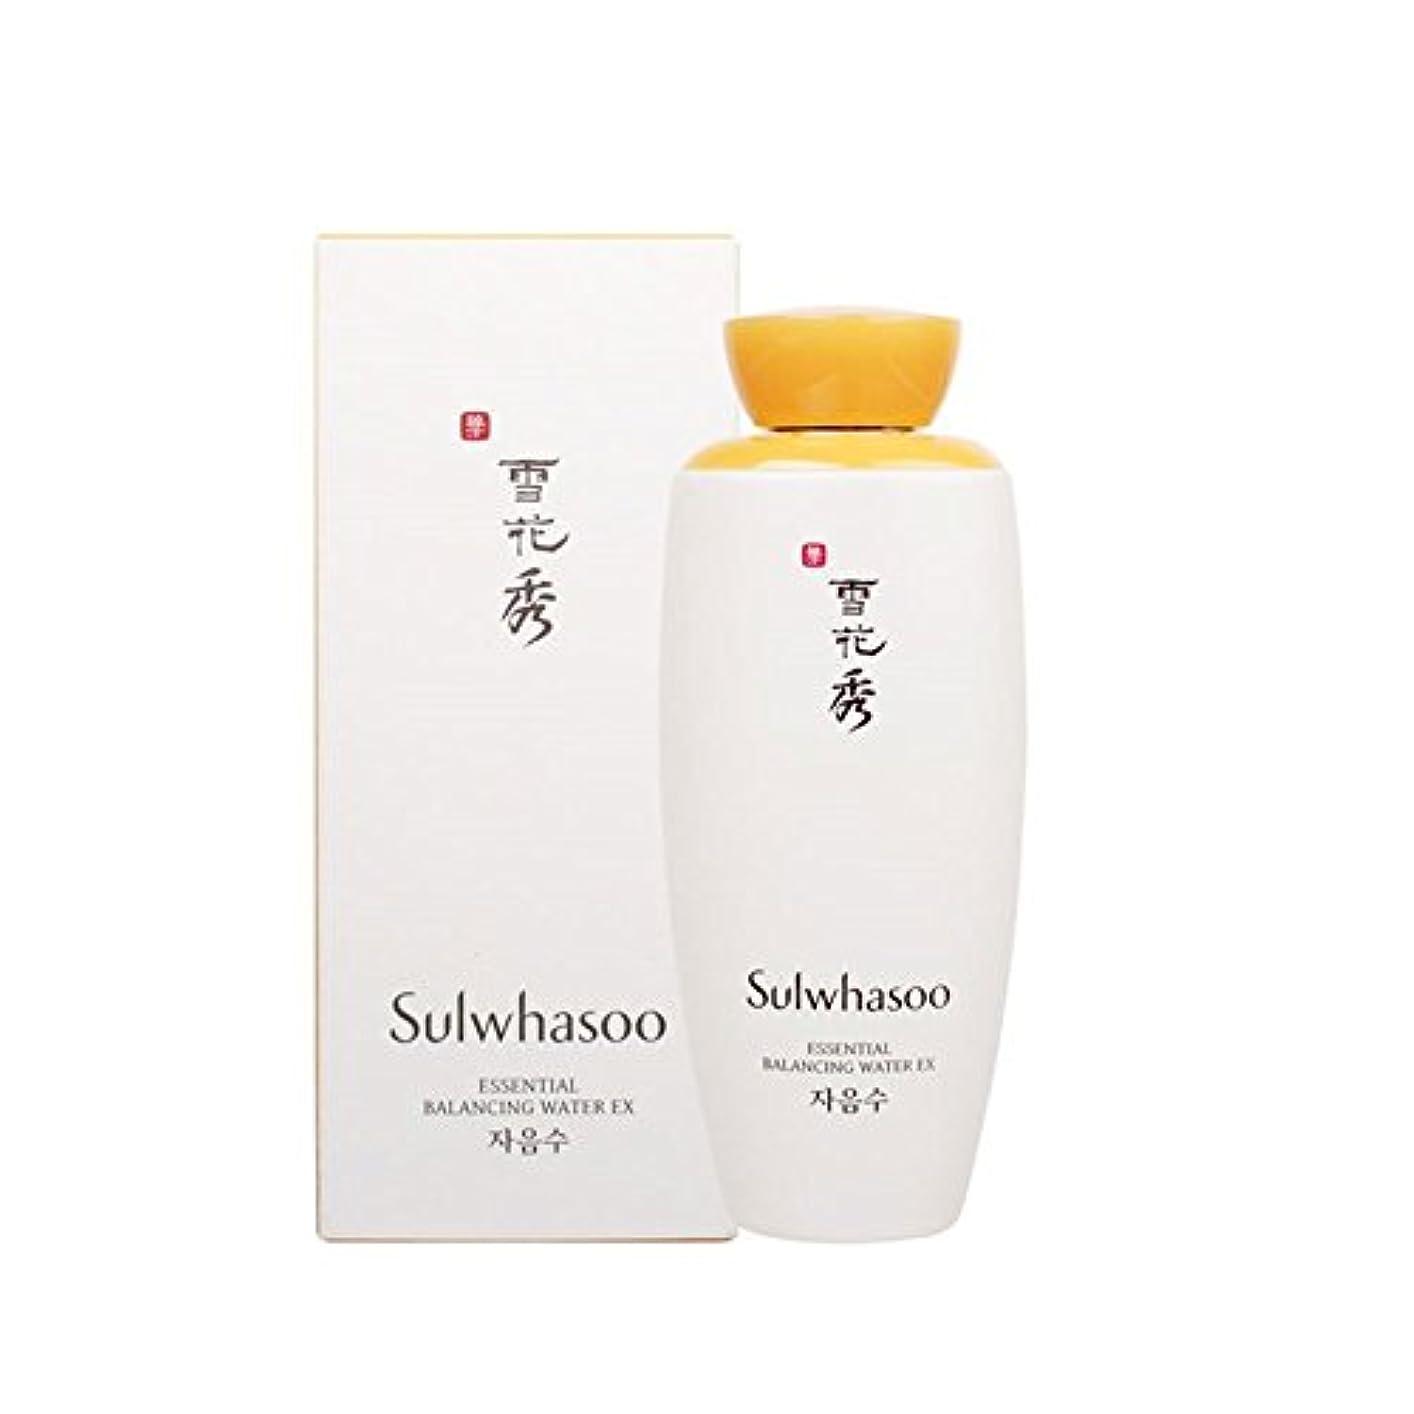 。自由軽食雪花秀 <Sulwhasoo> ソルファス 滋陰水 チャウンス (化粧水) 125mL